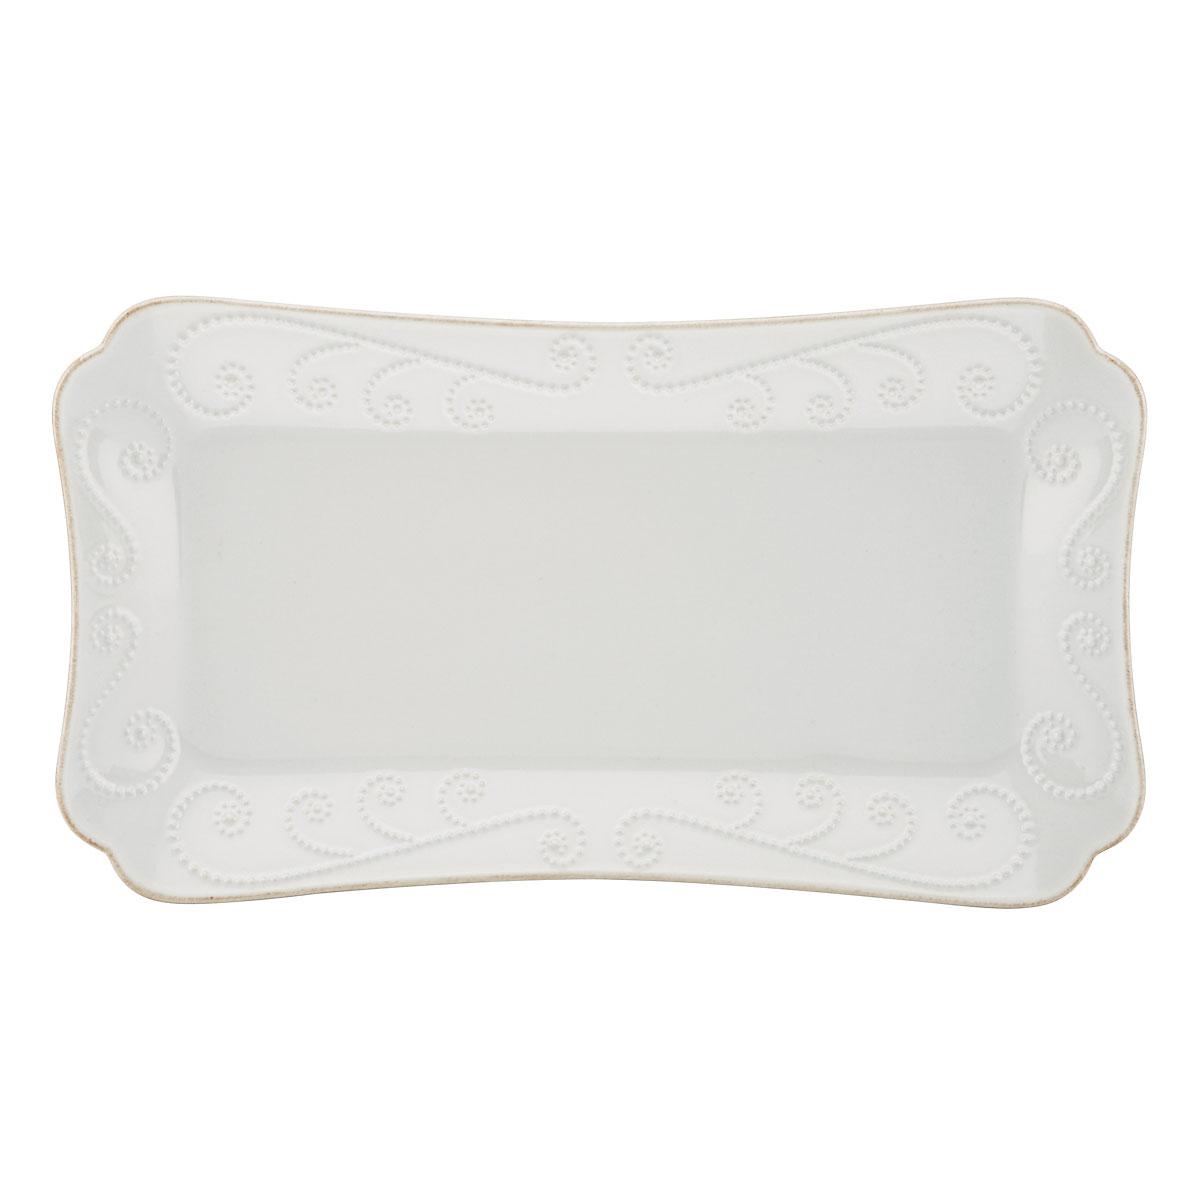 Lenox French Perle White Dinnerware Hors D